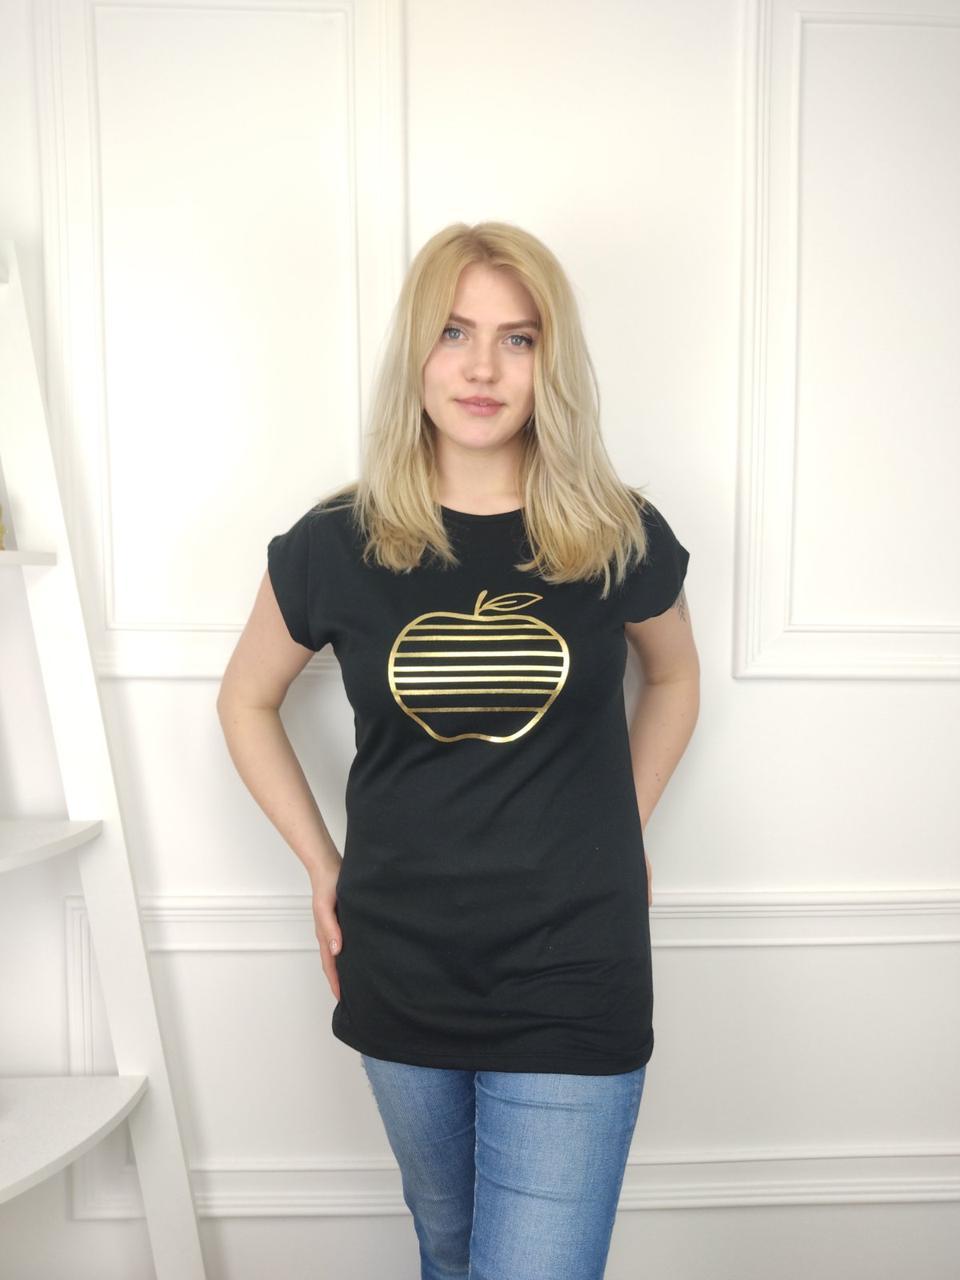 Женская футболка батал, 52-62рр, apple-золото, черный